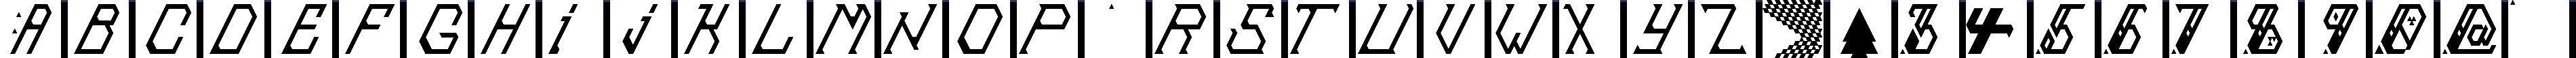 Particip-a-type v.318